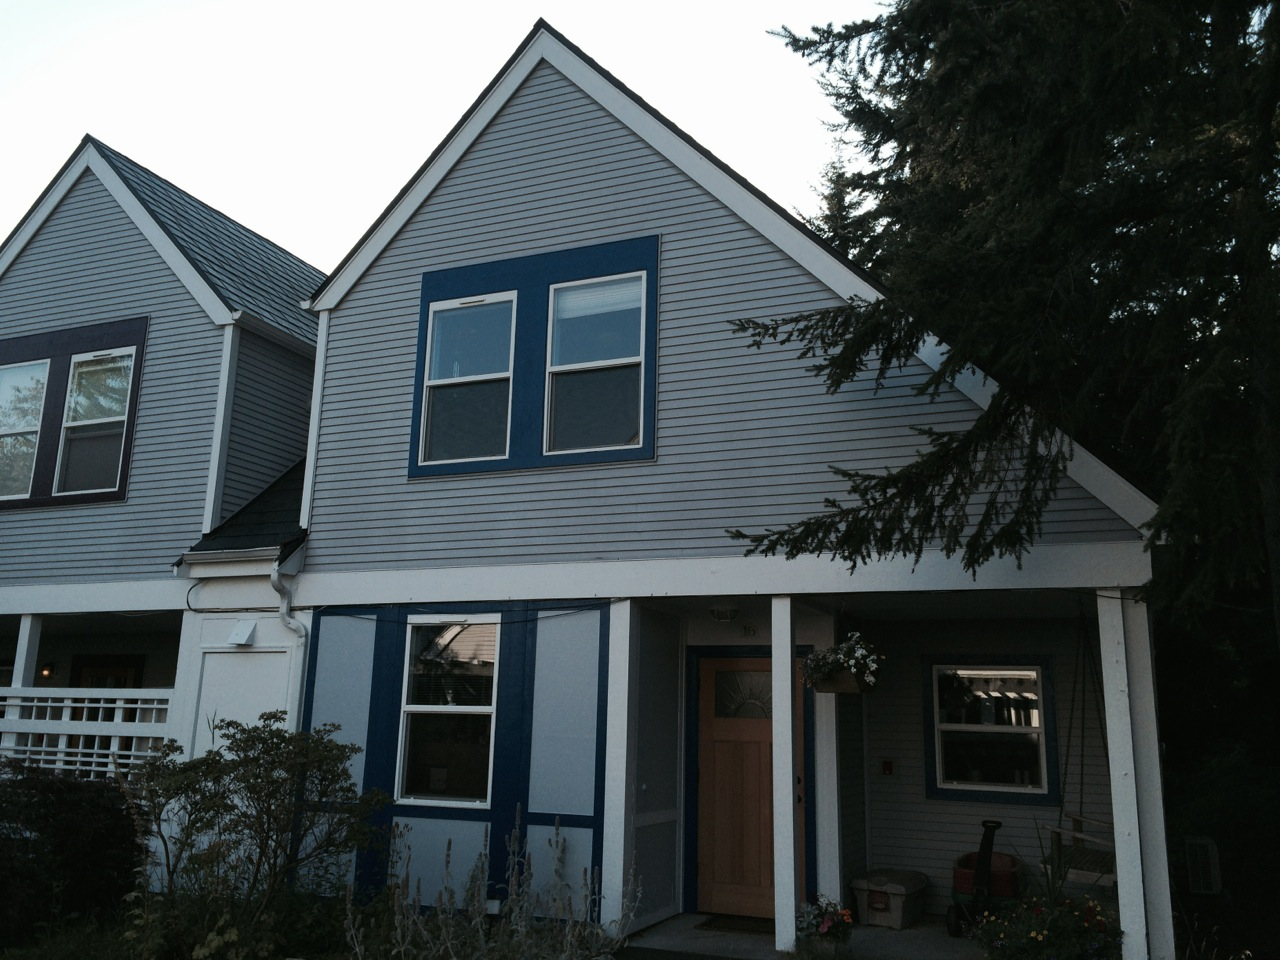 3 Bedroom Duplex In Winslow Cohousing Community